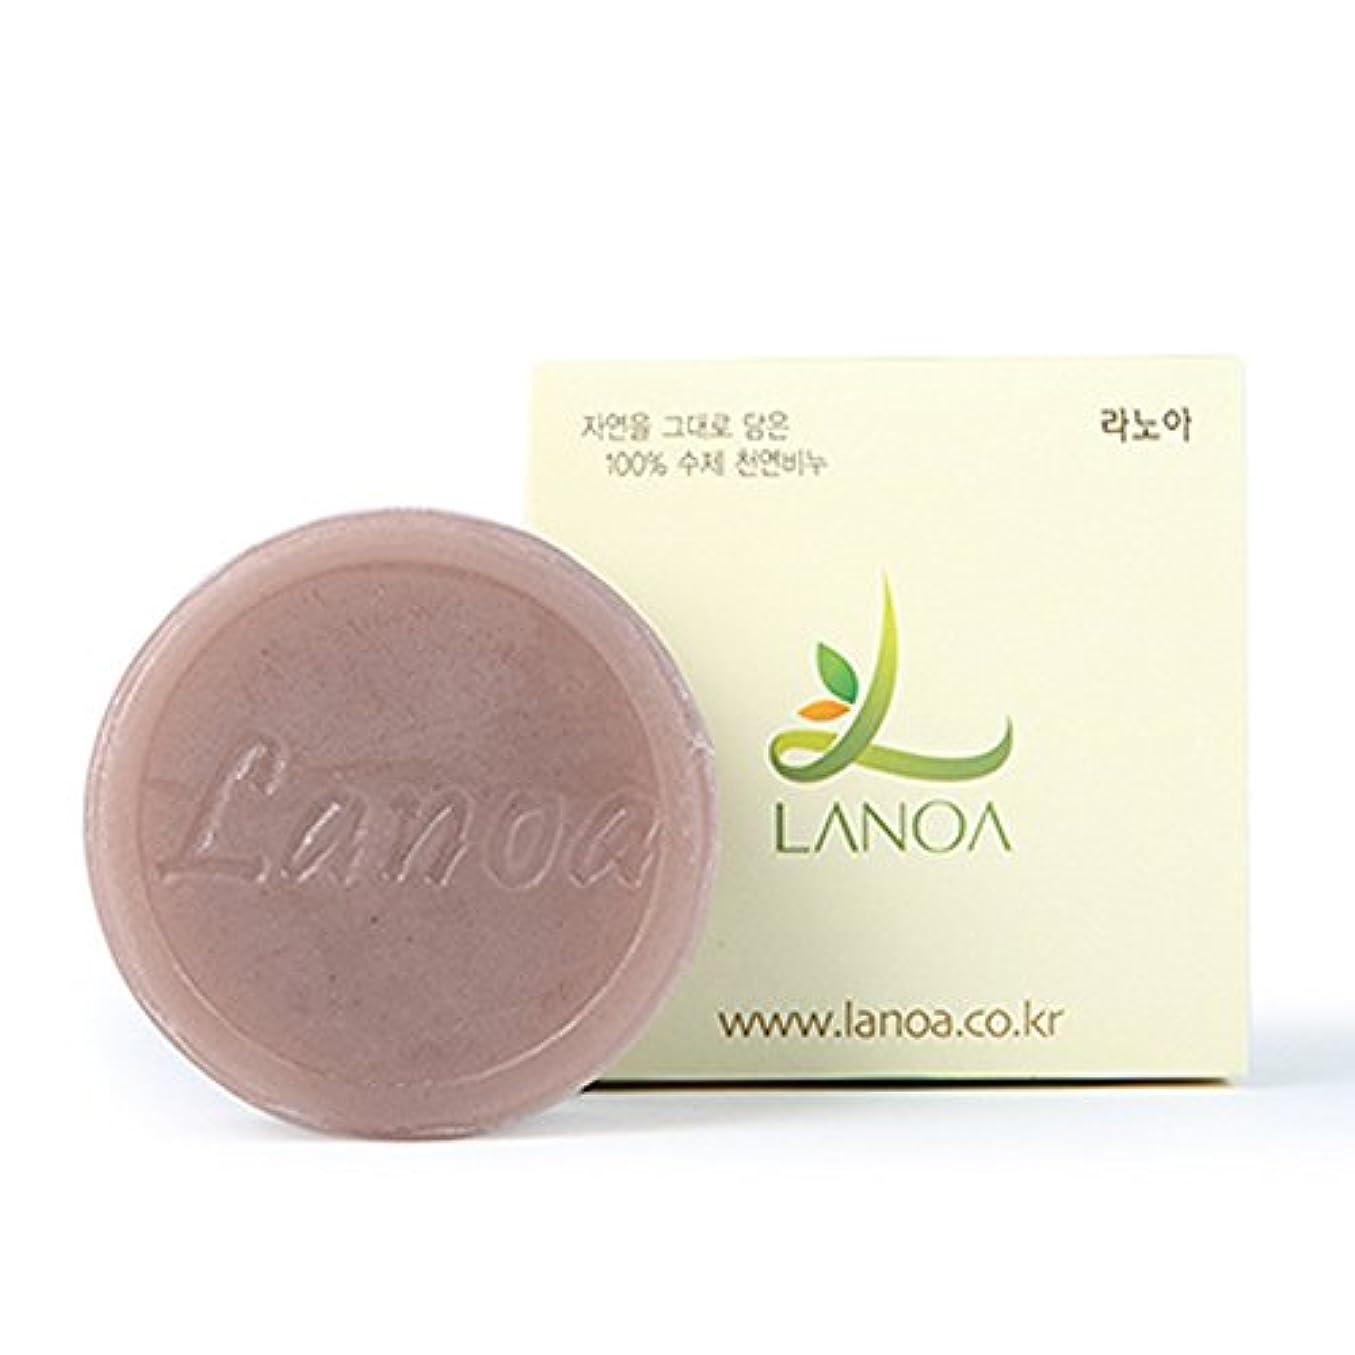 グリル次へダイジェストLanoa 乾燥肌 Soap moisturizing / Body and Face (並行輸入品)